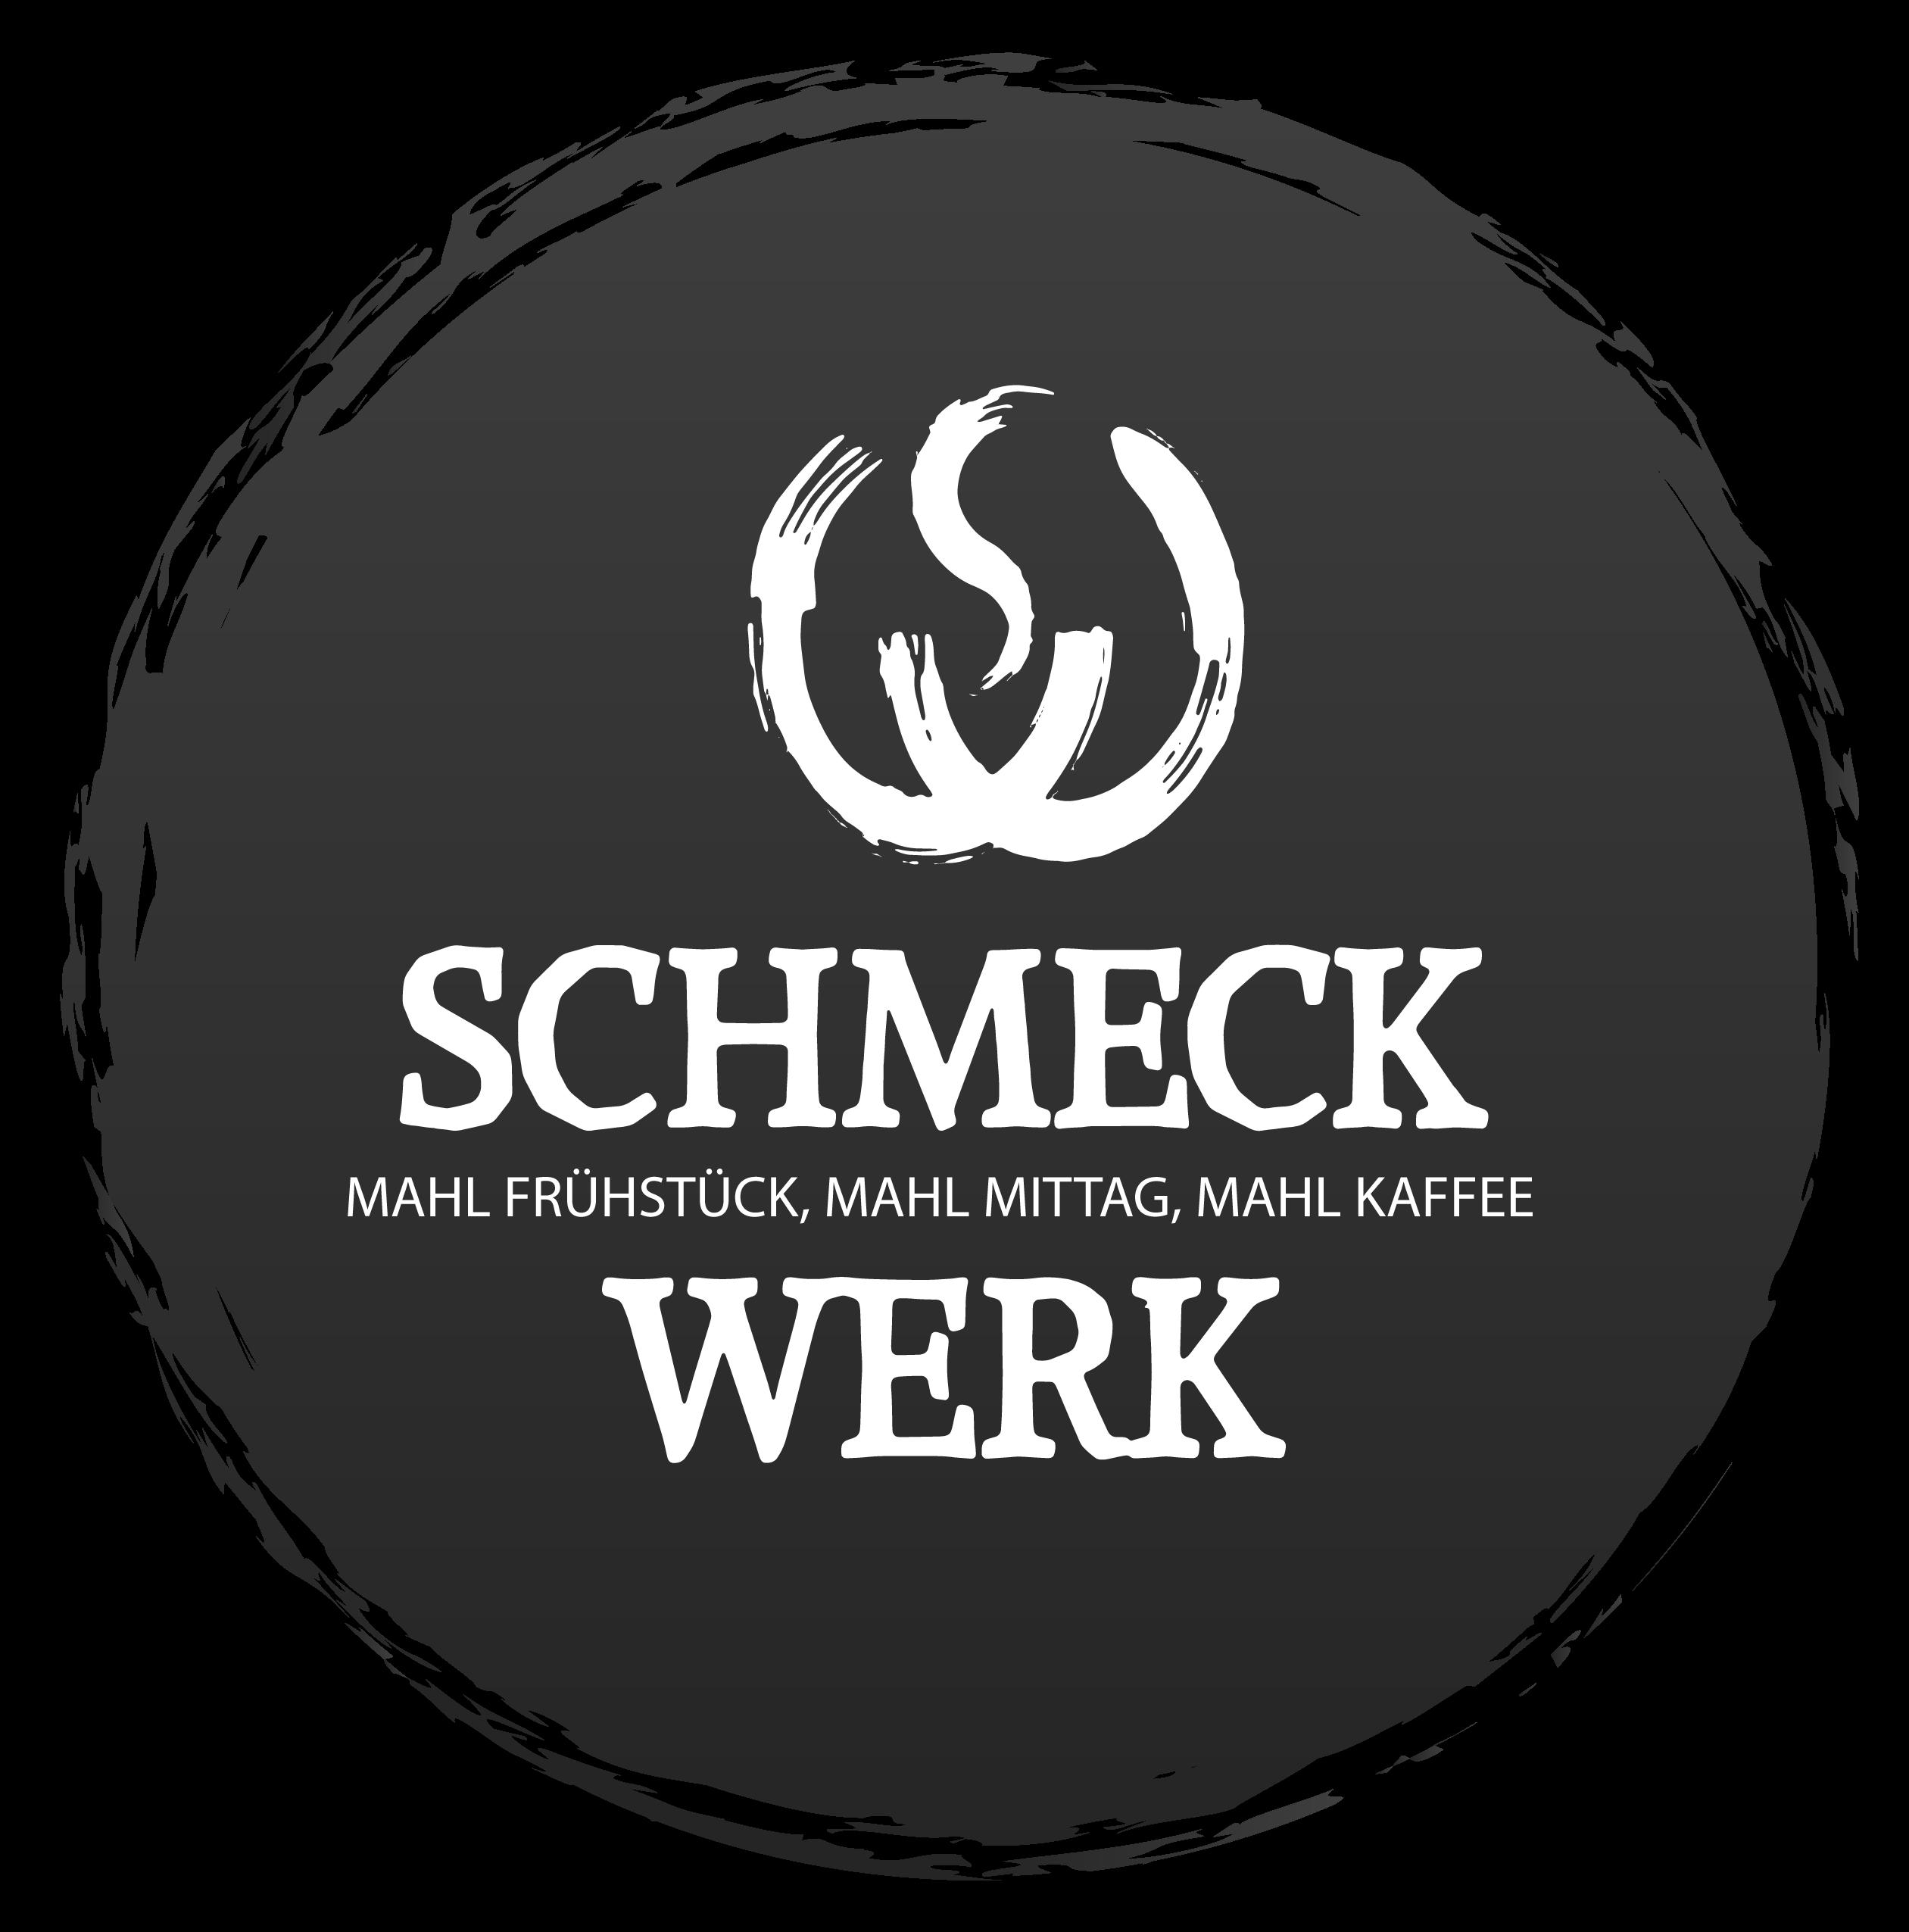 Schmeck-Werk